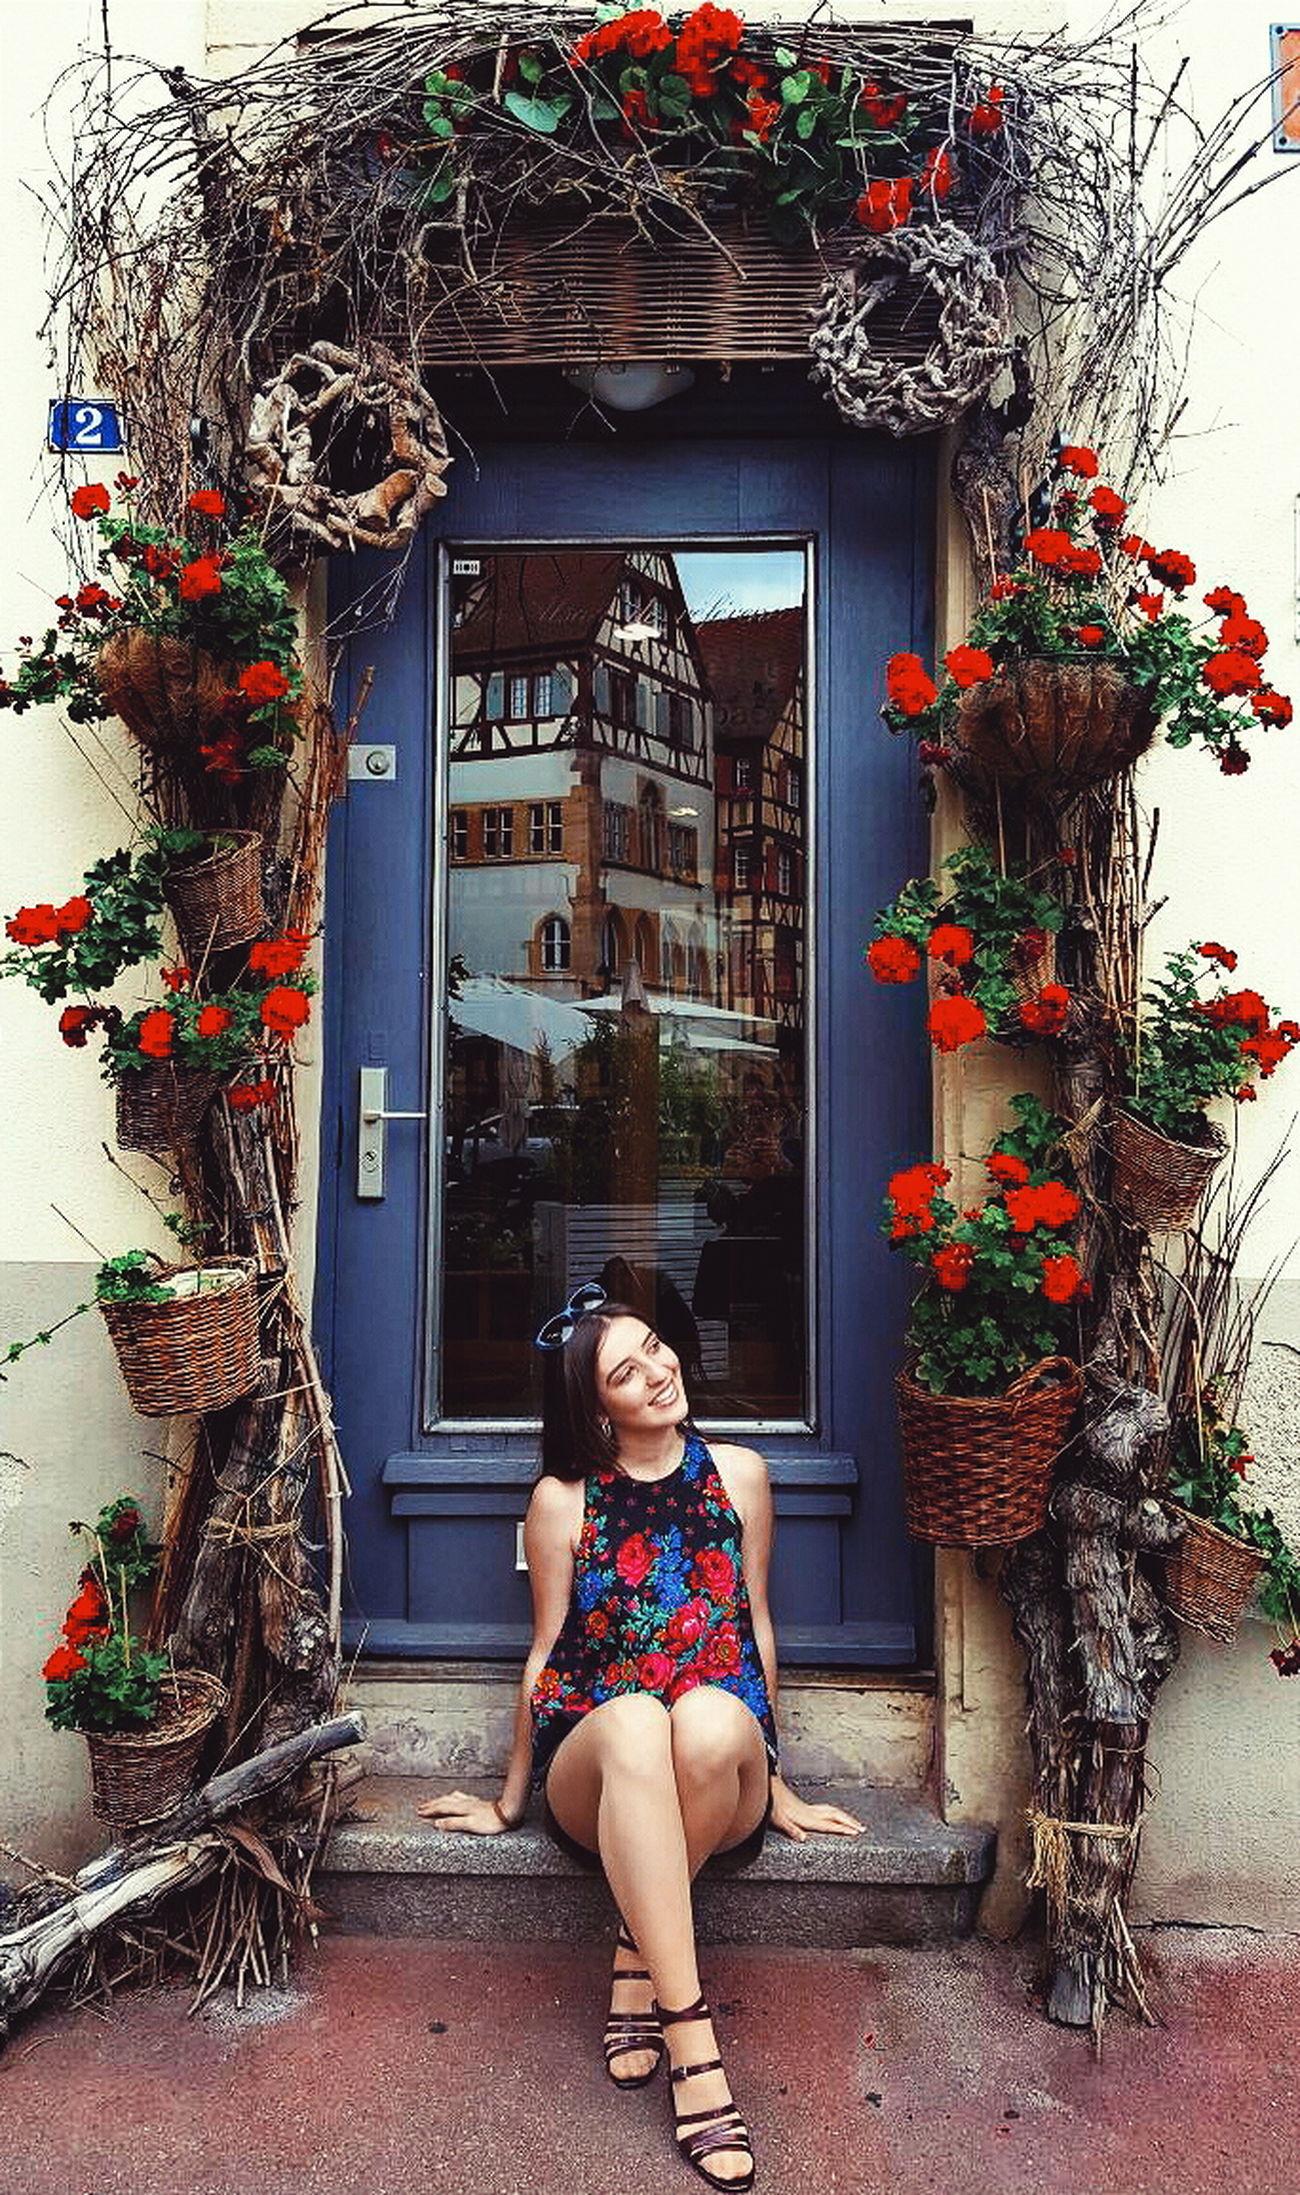 Life doenst need more copycats! Life needs more dreamer Colmar Colmar, Alsace, France Flower Oldtown France